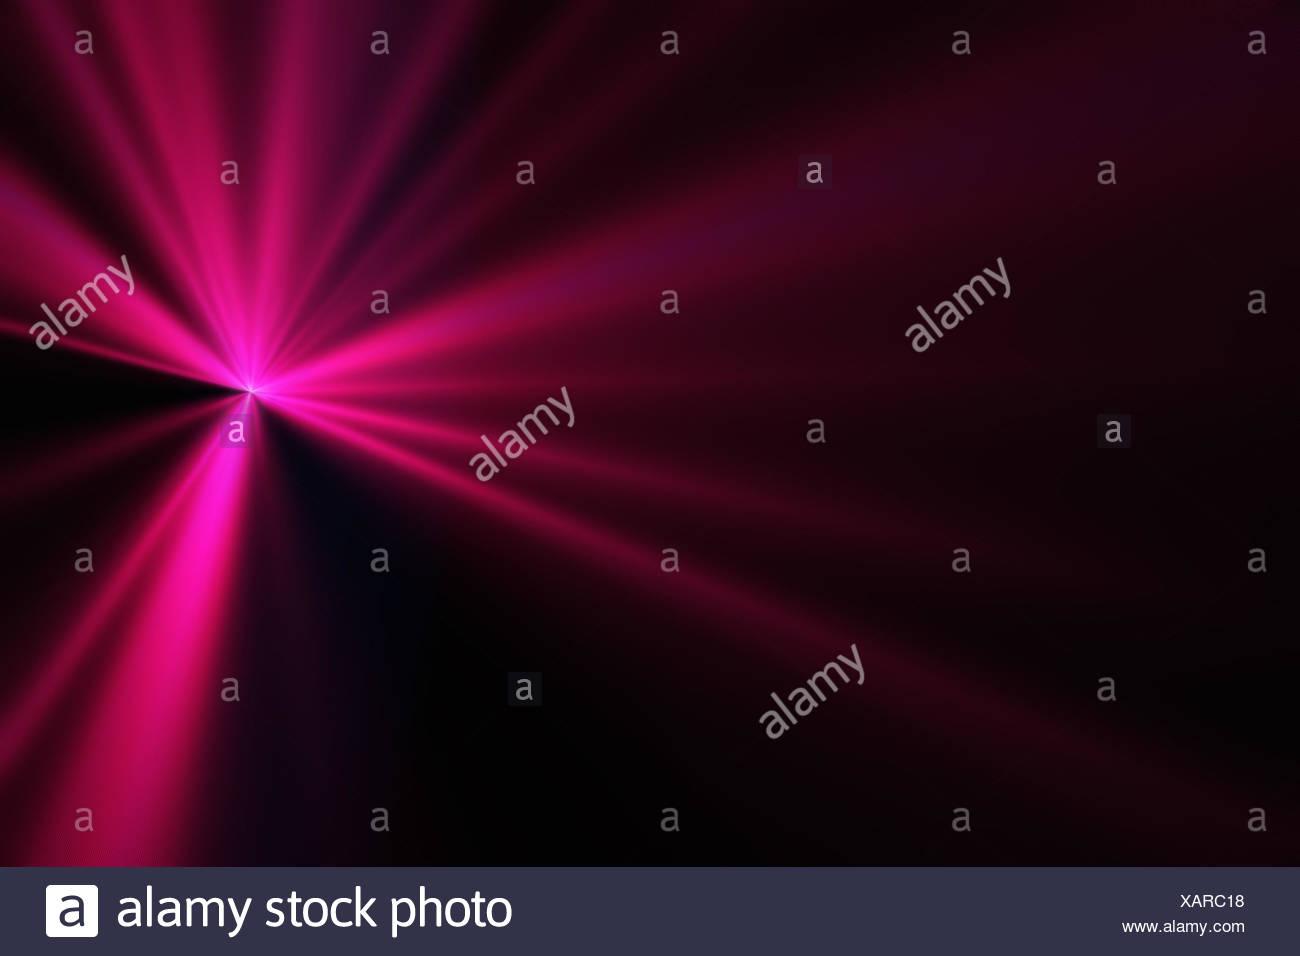 magenta beams - Stock Image